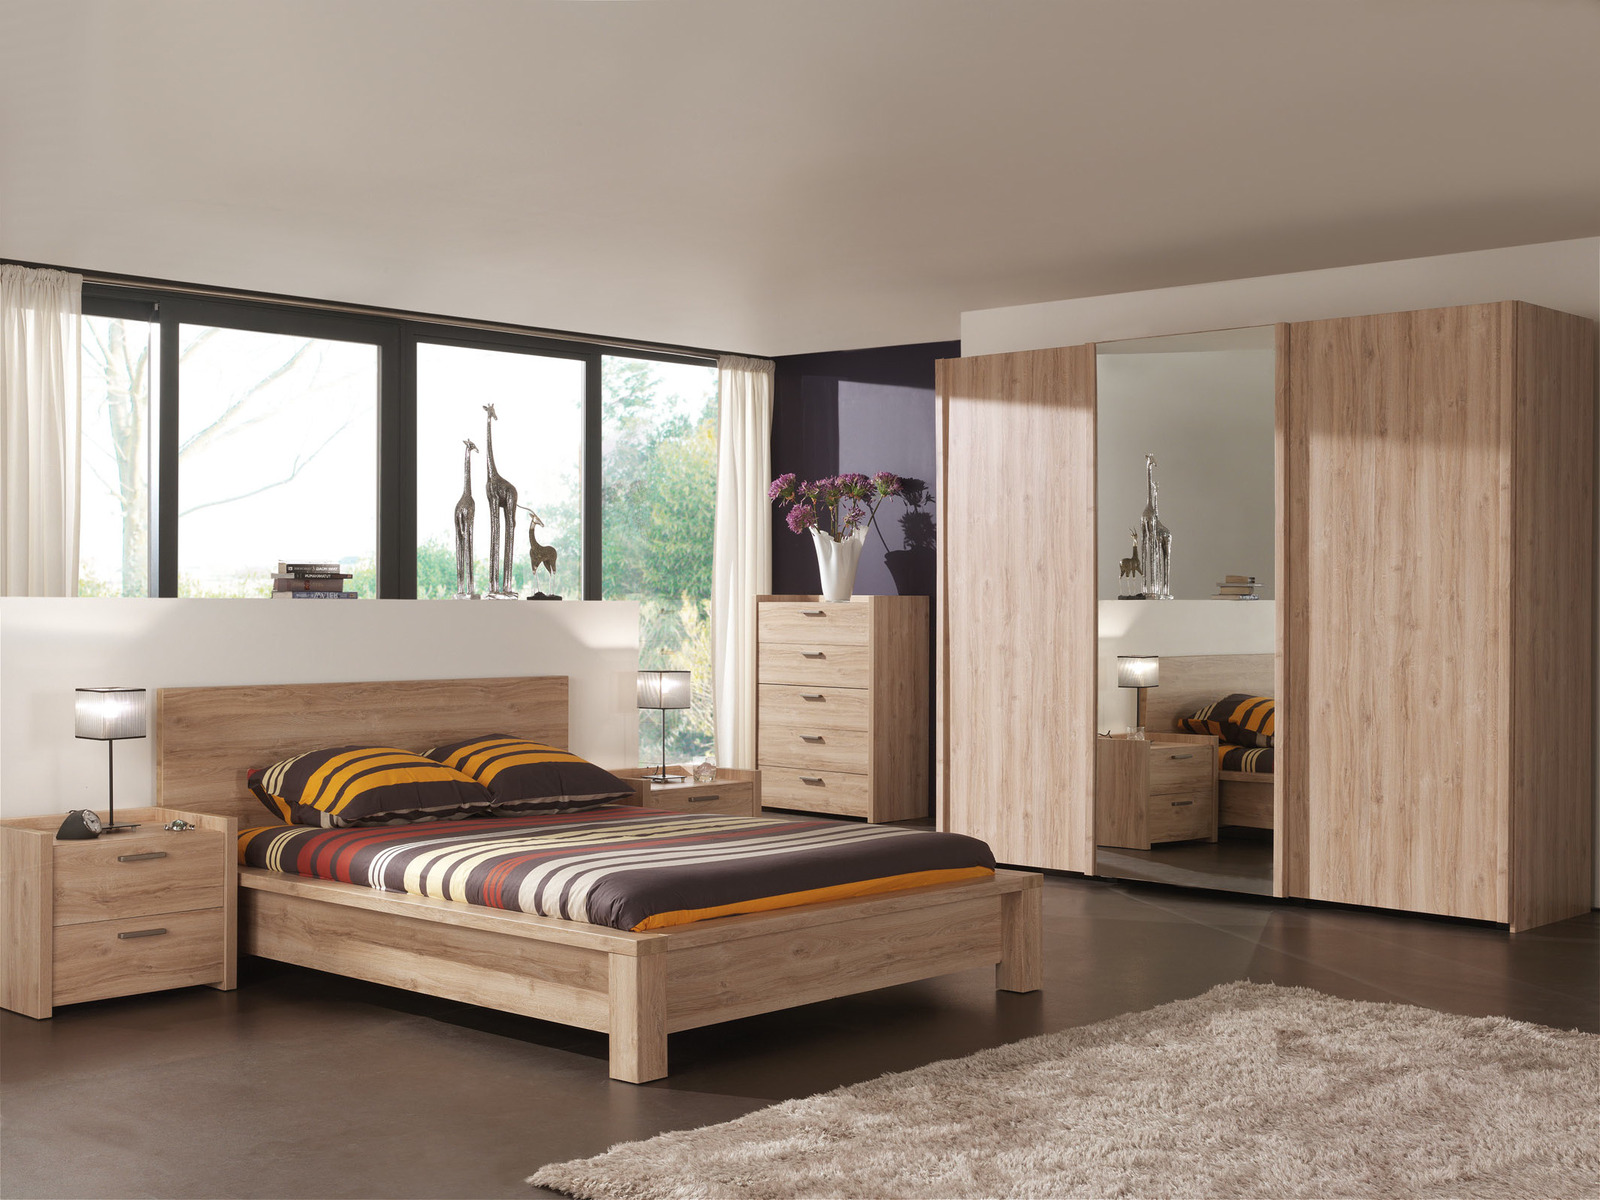 Meuble chambre coucher mobilier design d coration d for Mobilier chambre a coucher adulte